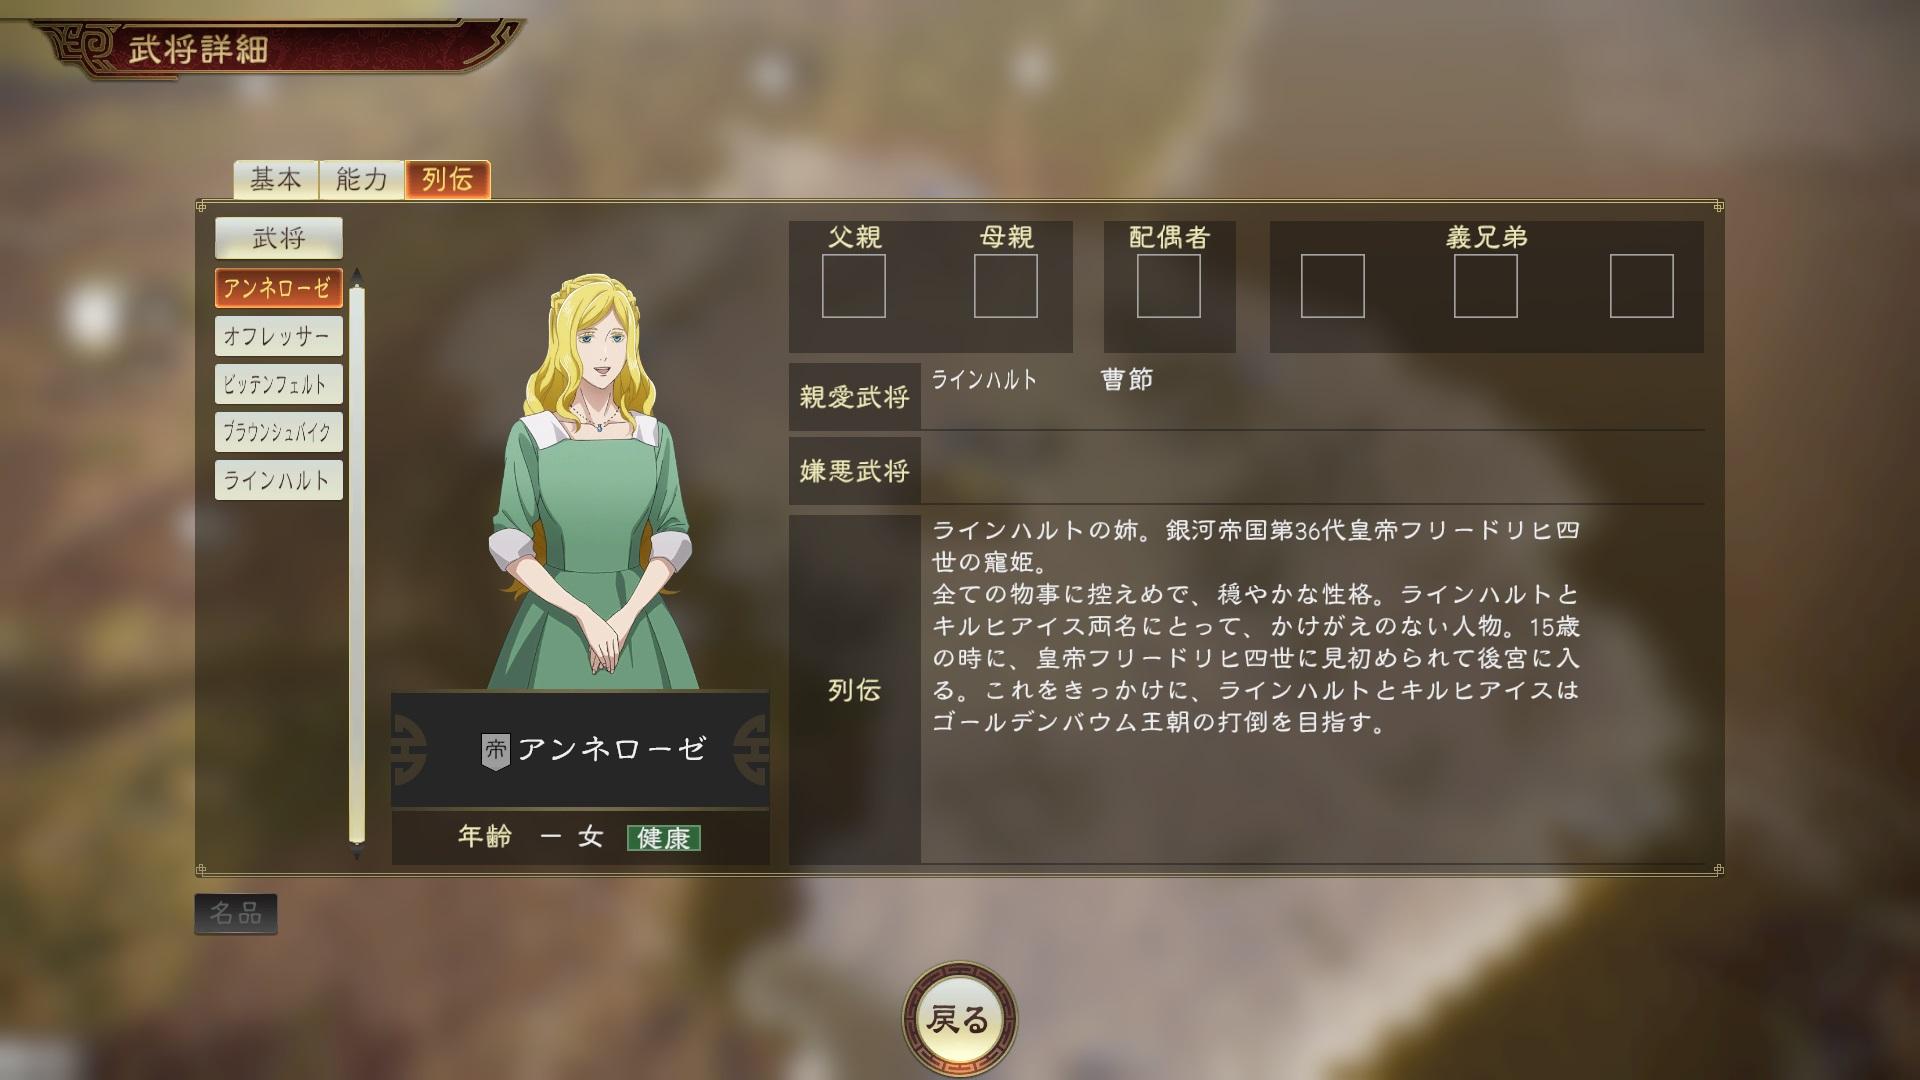 《三国志14》银英传联动免费DLC角色五维图公布 (4)